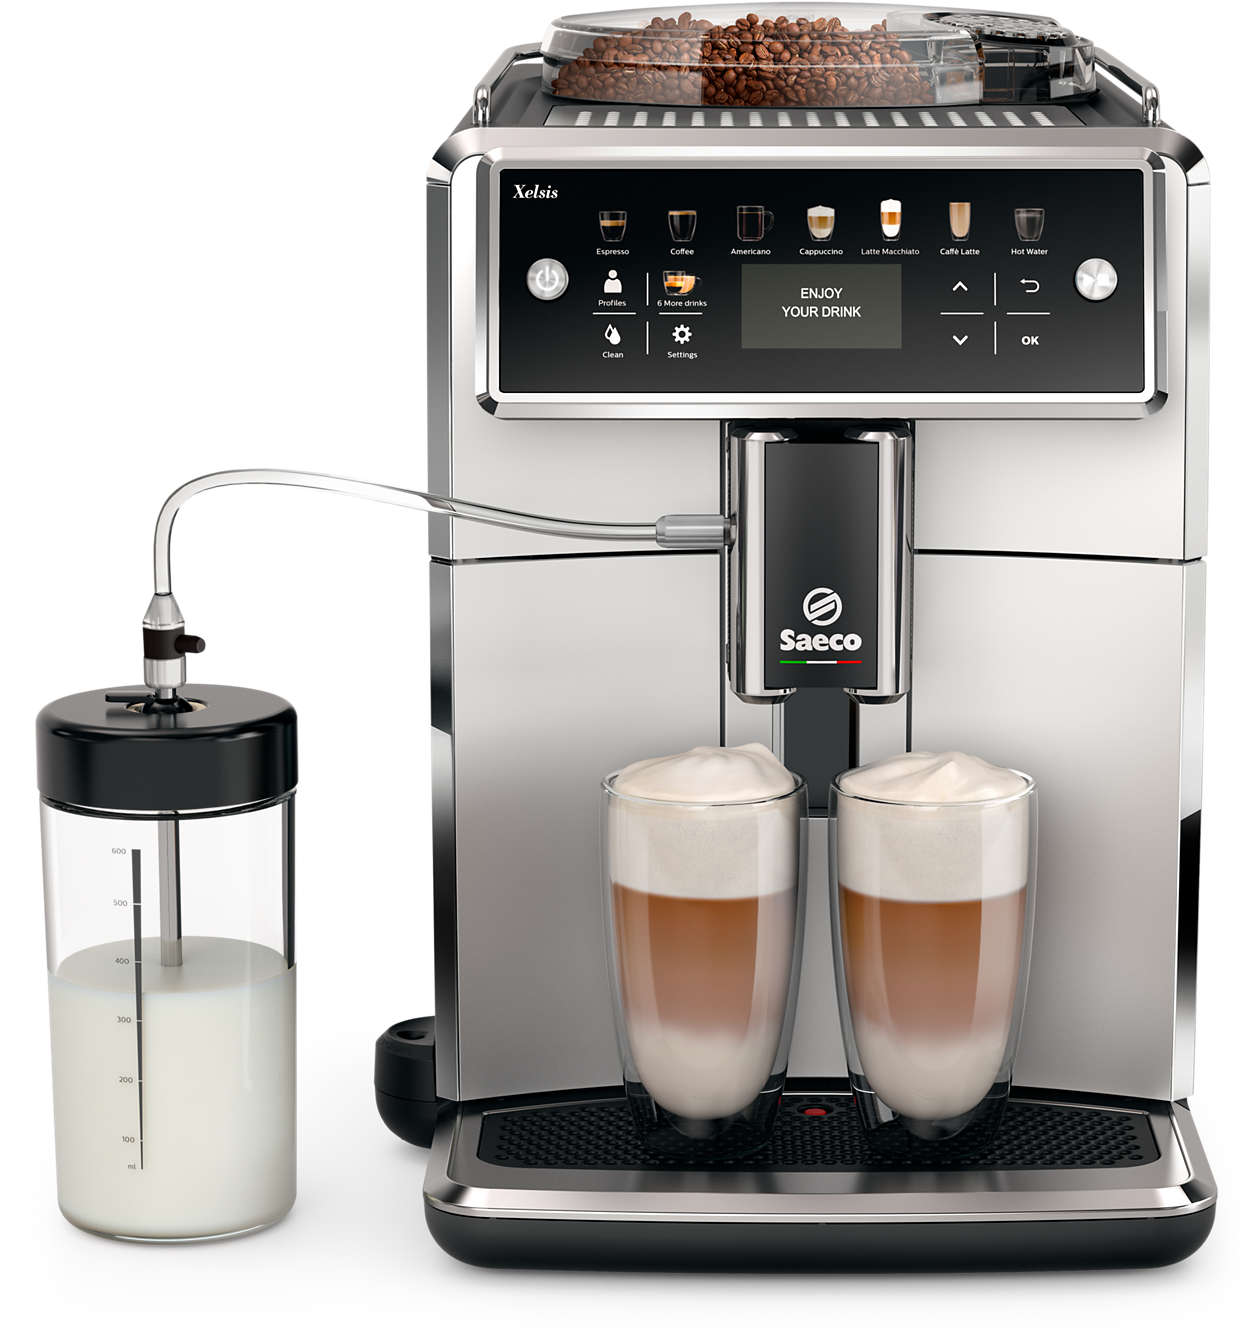 automatyczny ekspres do kawy Saeco Xelsis SM758100